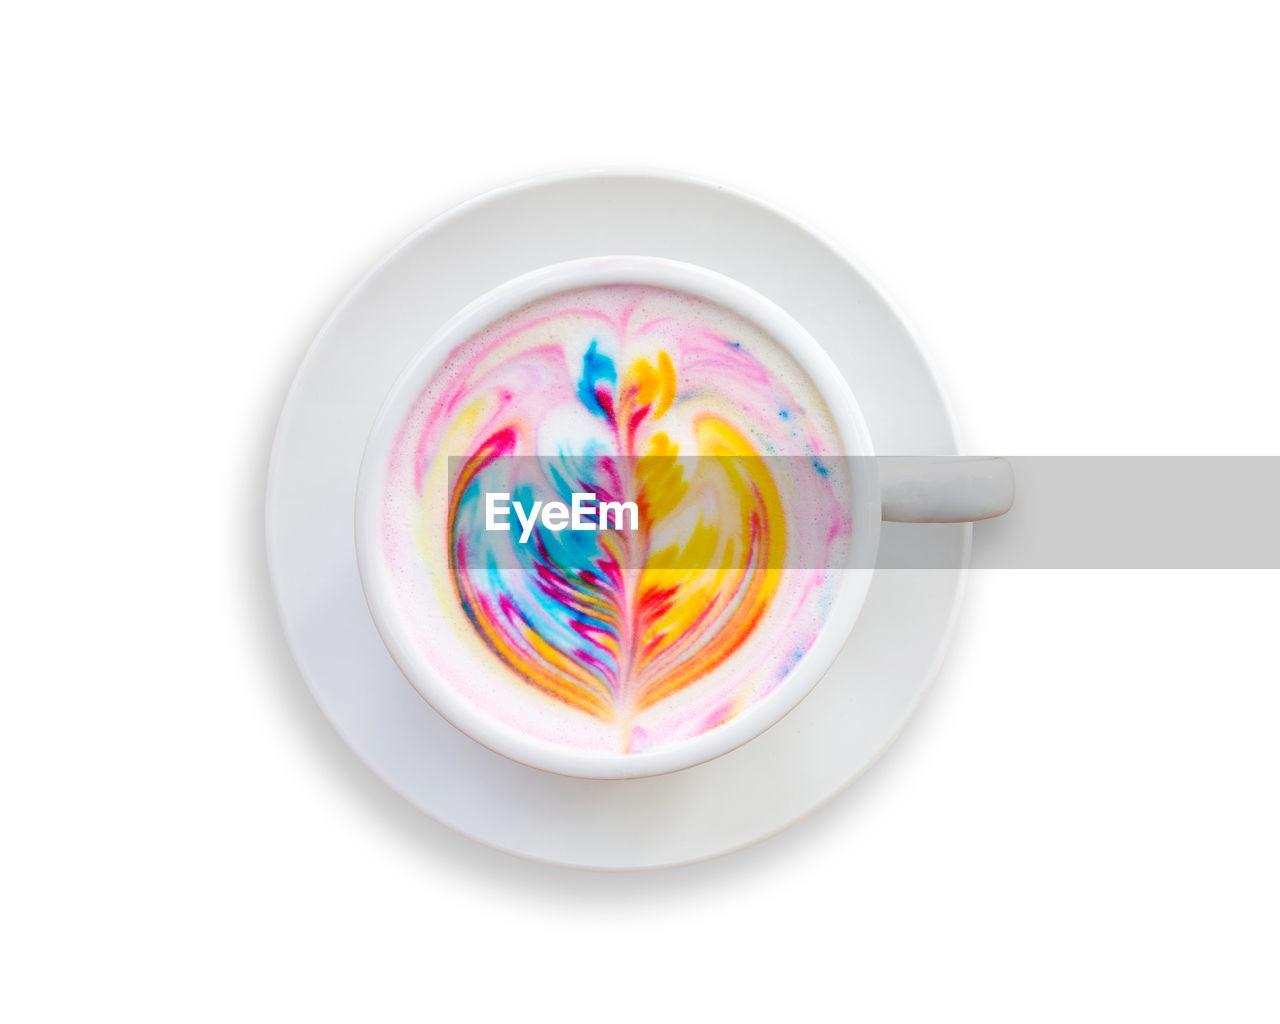 Multi colored cappuccino over white background